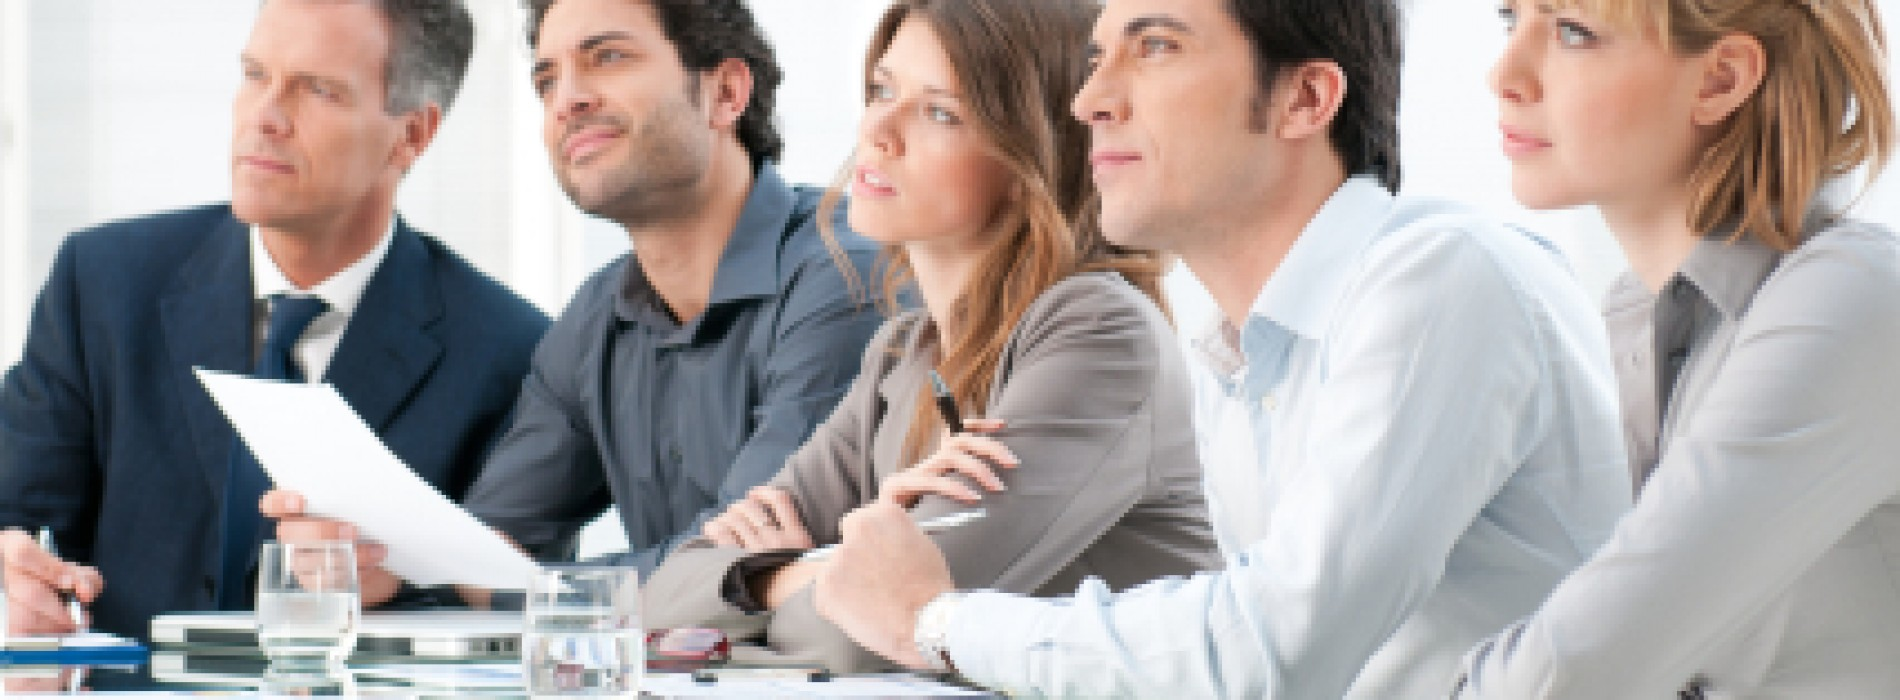 Rozwój własnego biznesu, franczyza – przegląd biznes ofert